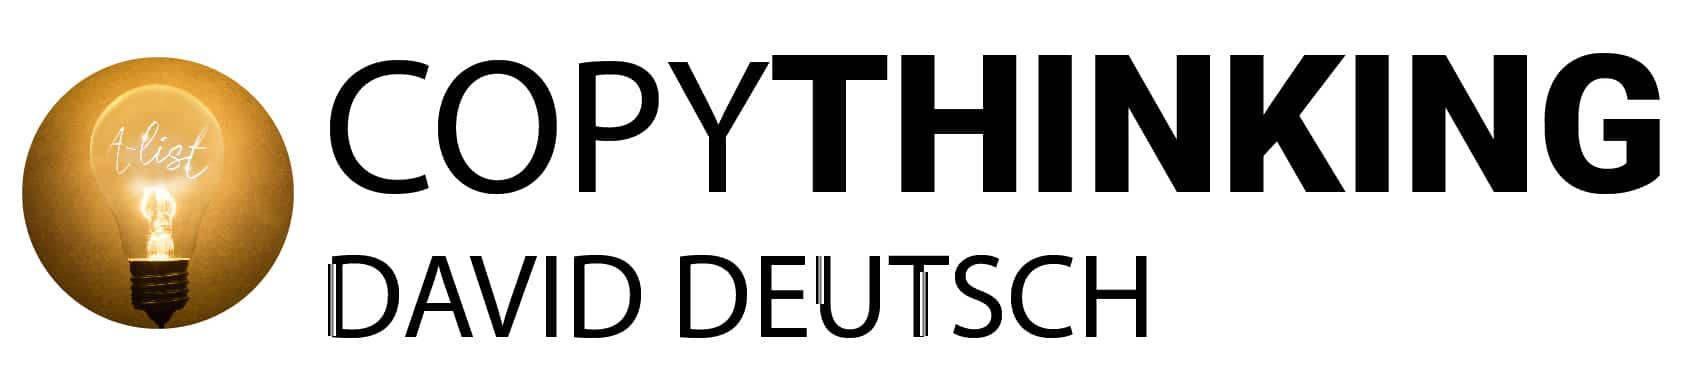 David Deutsch's A-List Copywriting Secrets image